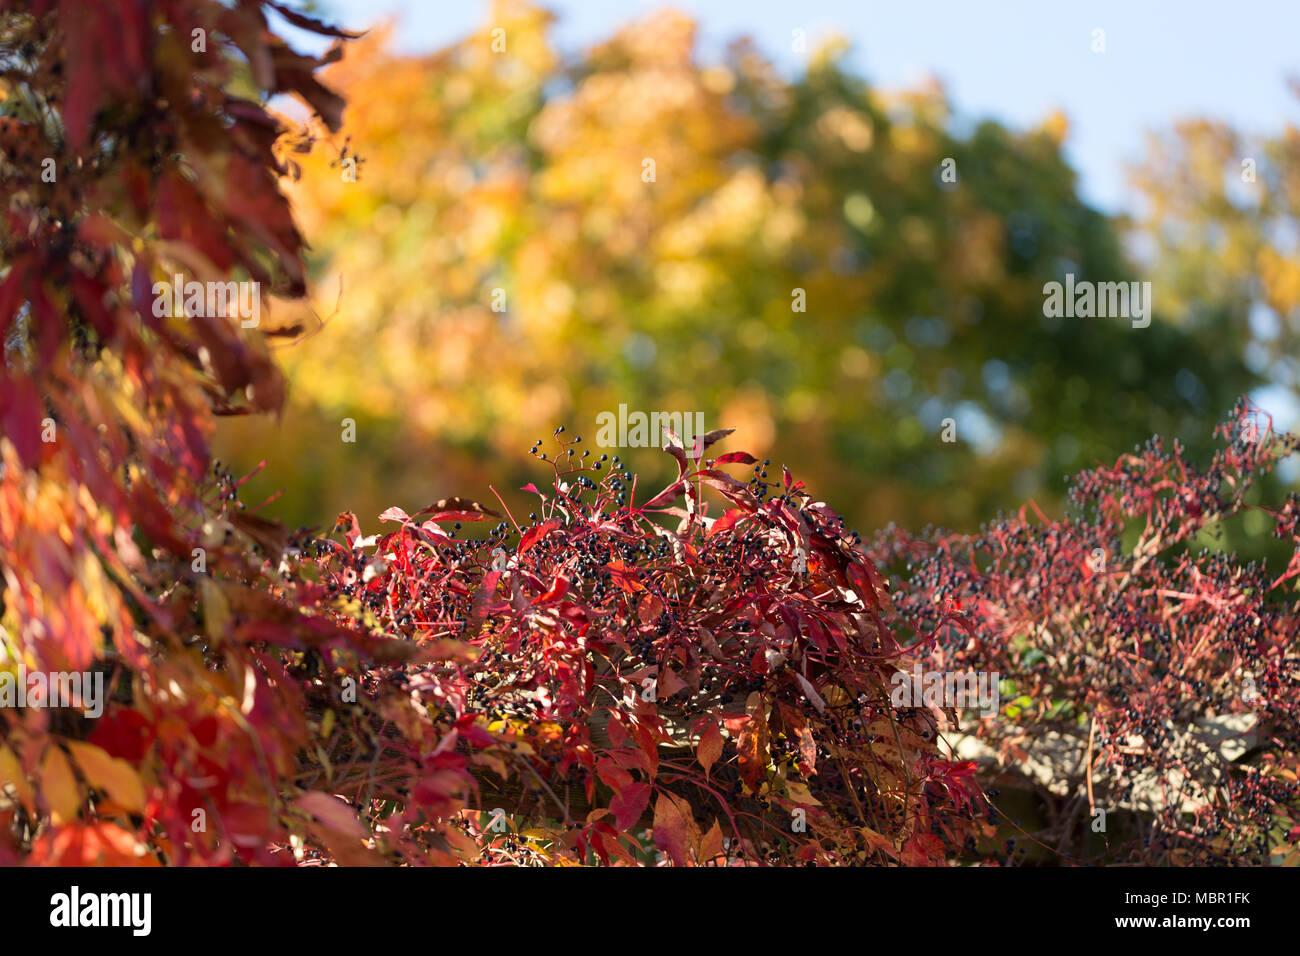 Das Herbstlaub, so bunt und schön wie ein Altweibersommer nur sein kann, wird von der Sonne beschienen. - Stock Image